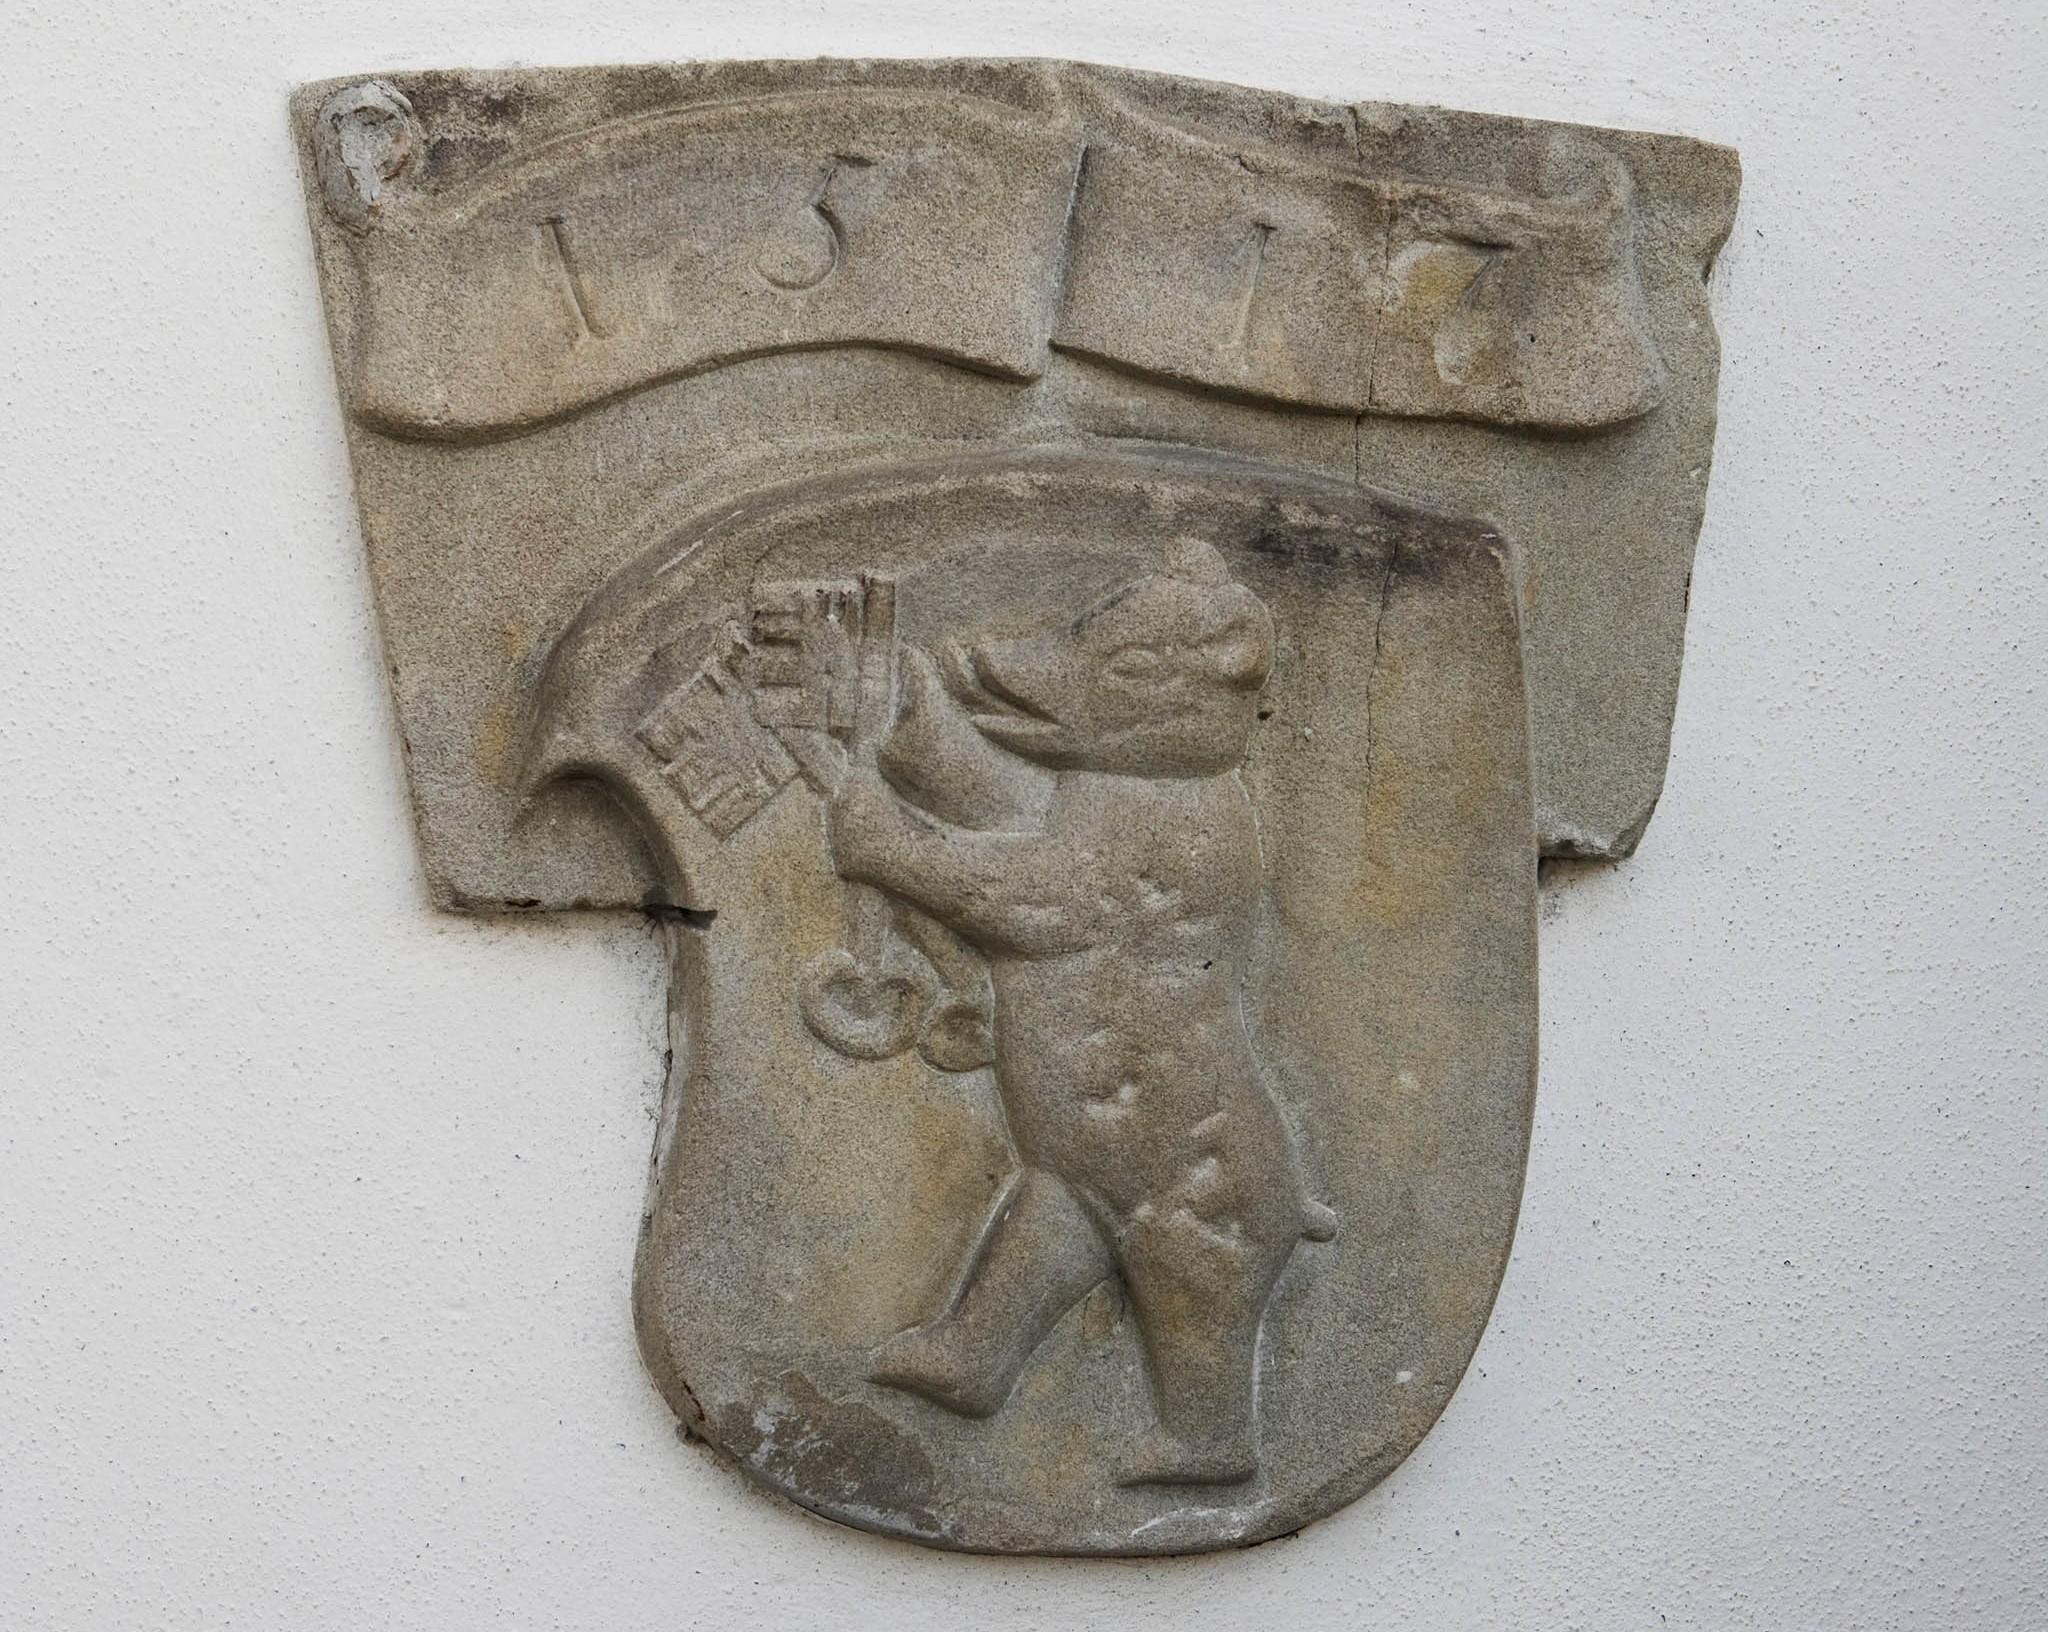 Päpstliche Schlüssel im Appenzeller Wappen